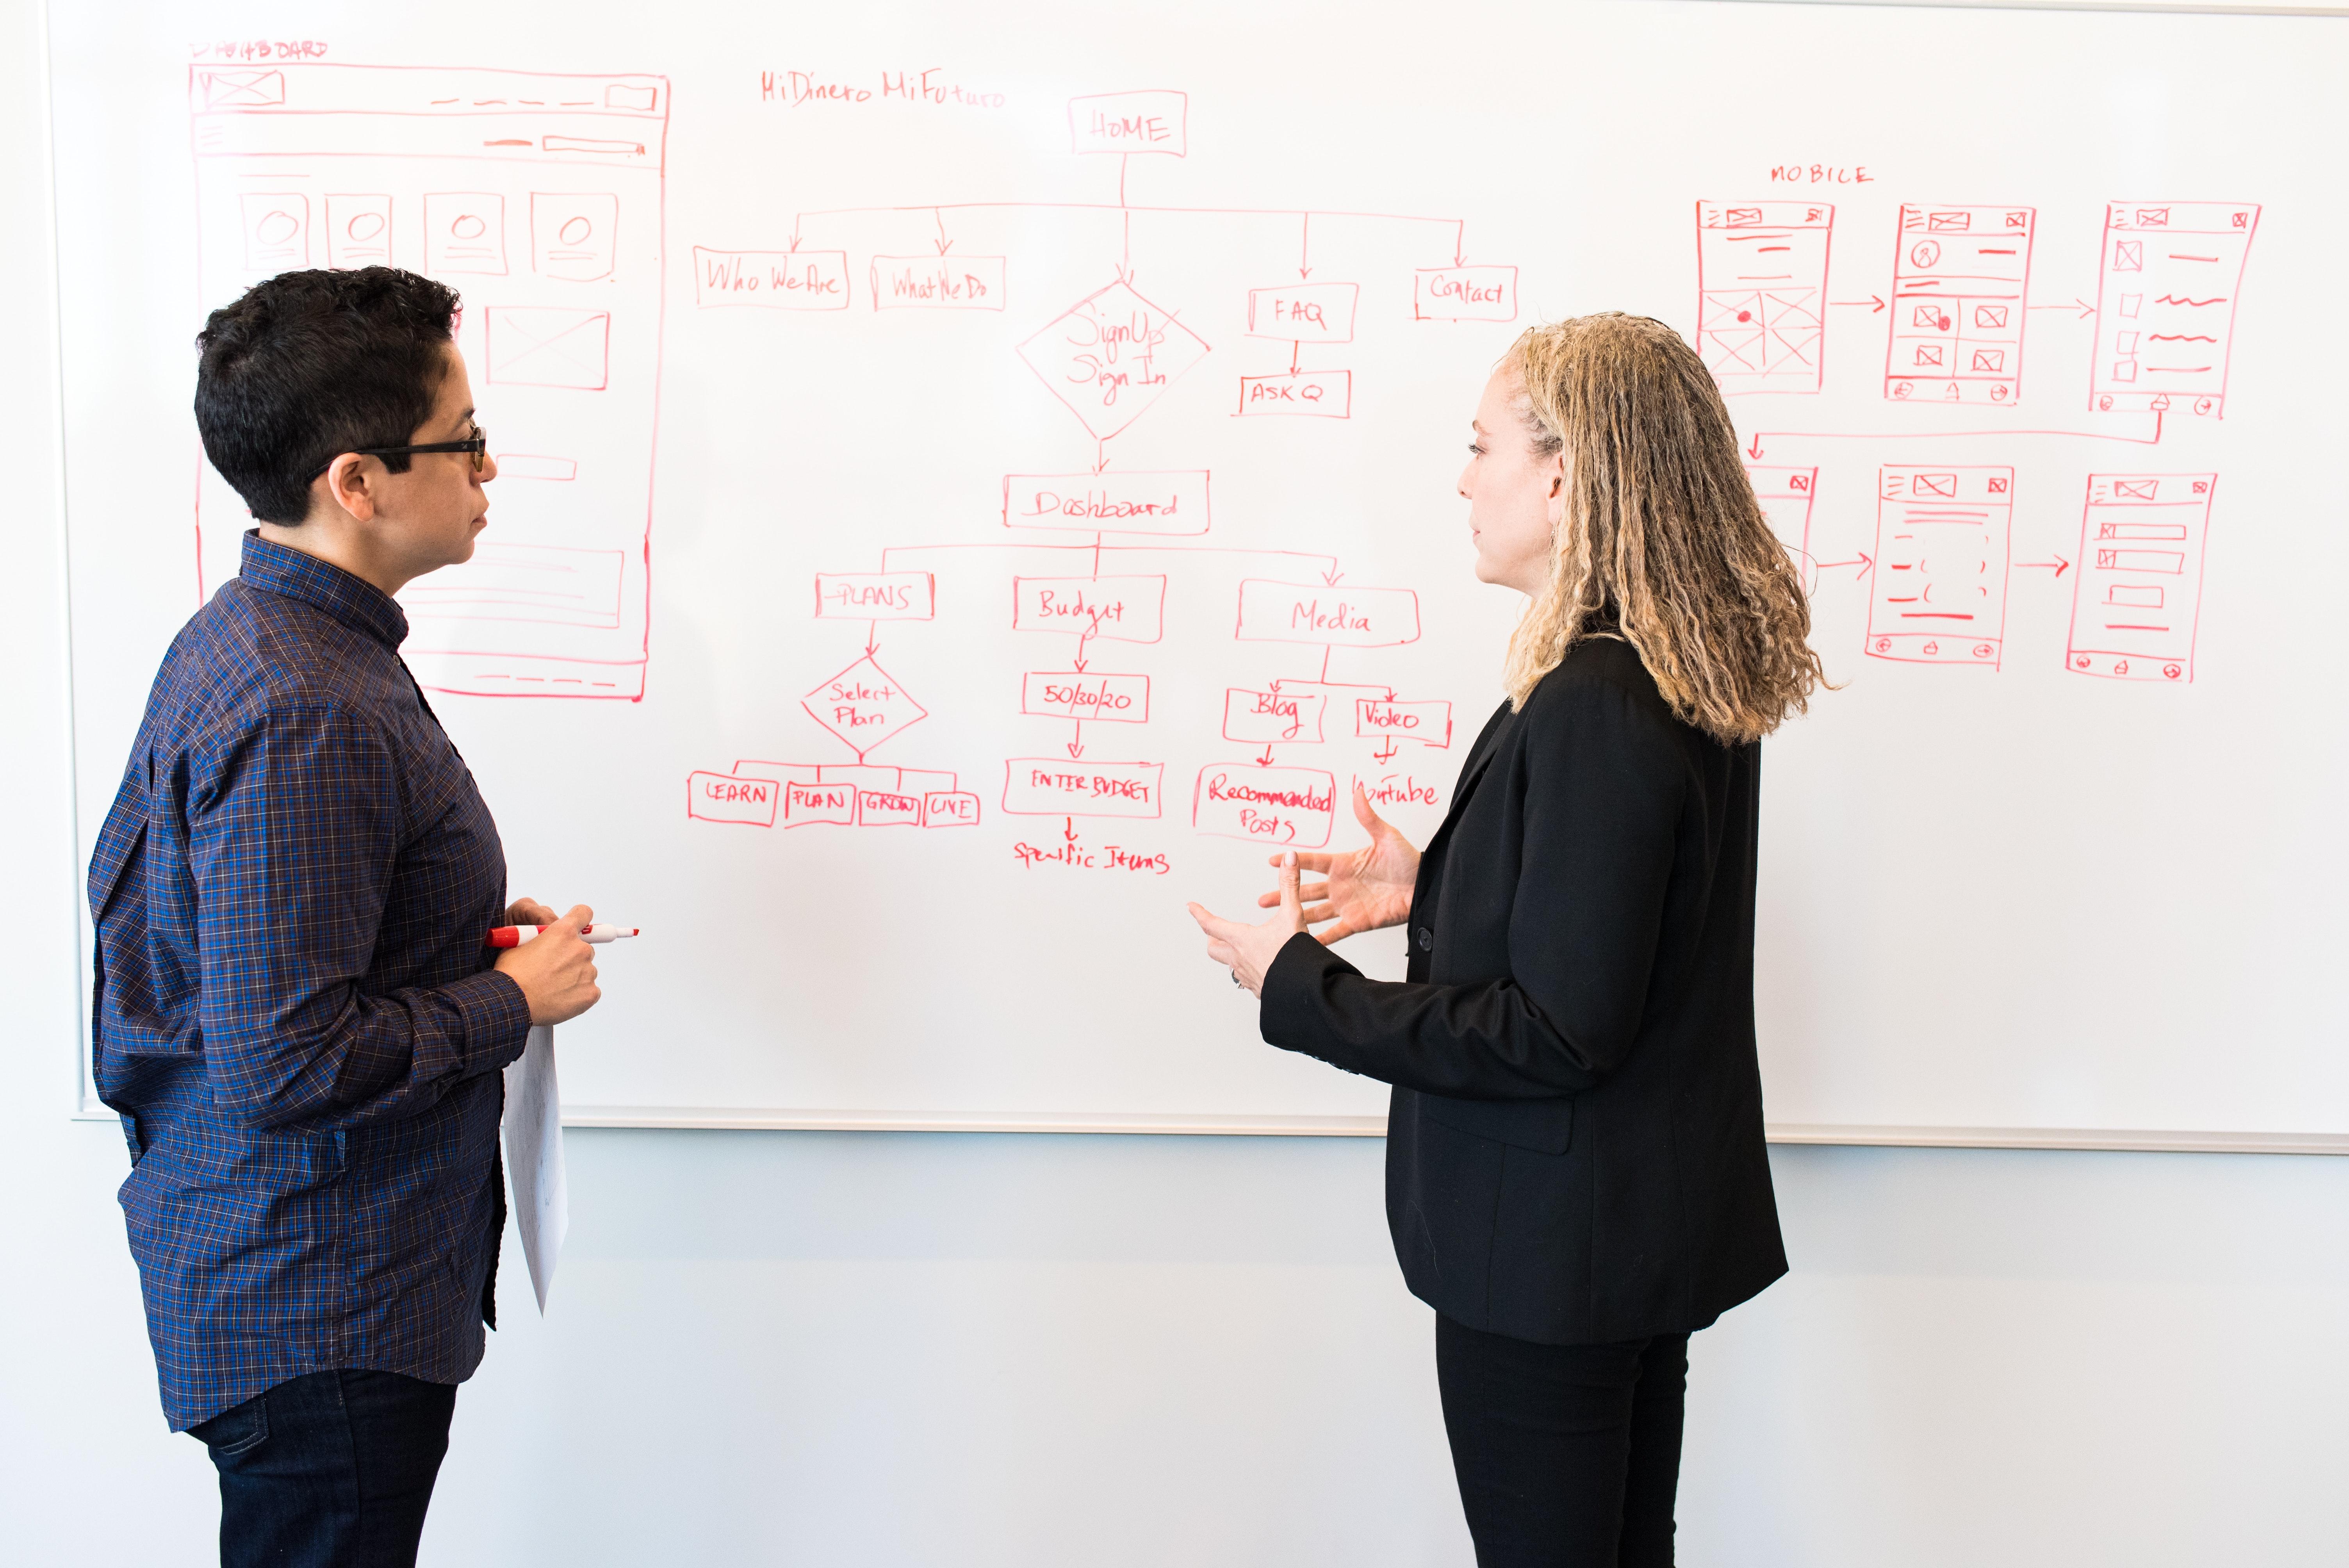 La relation vertueuse entre Expérience client et programme Collaborateur Ambassadeur